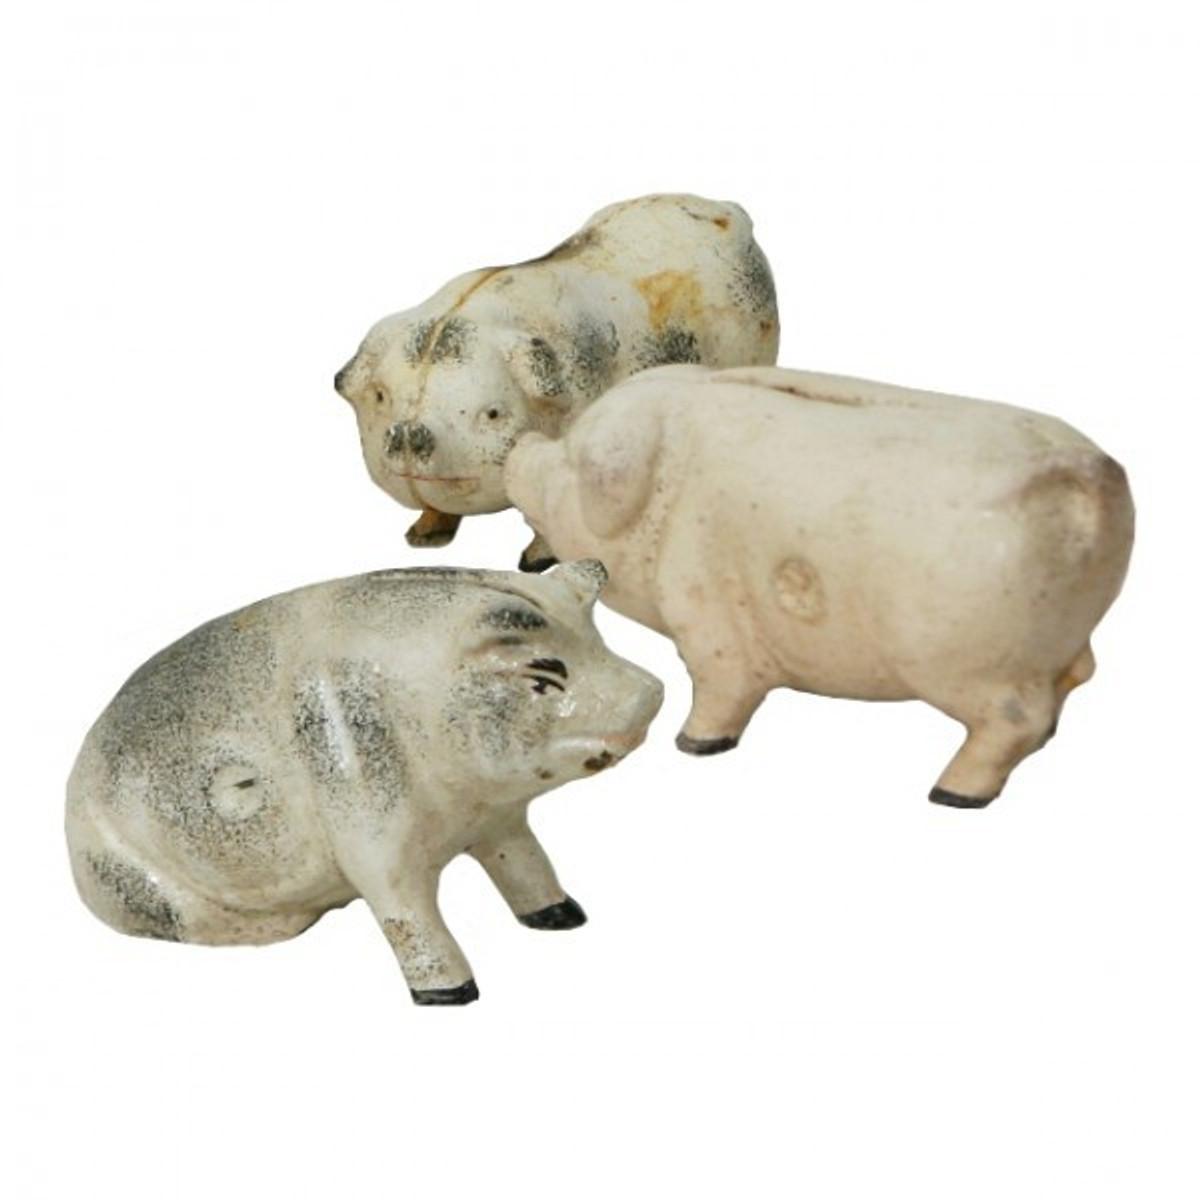 Schweine Spardosen Set für tierischen Spaß beim Sparen für die ganze Familie.